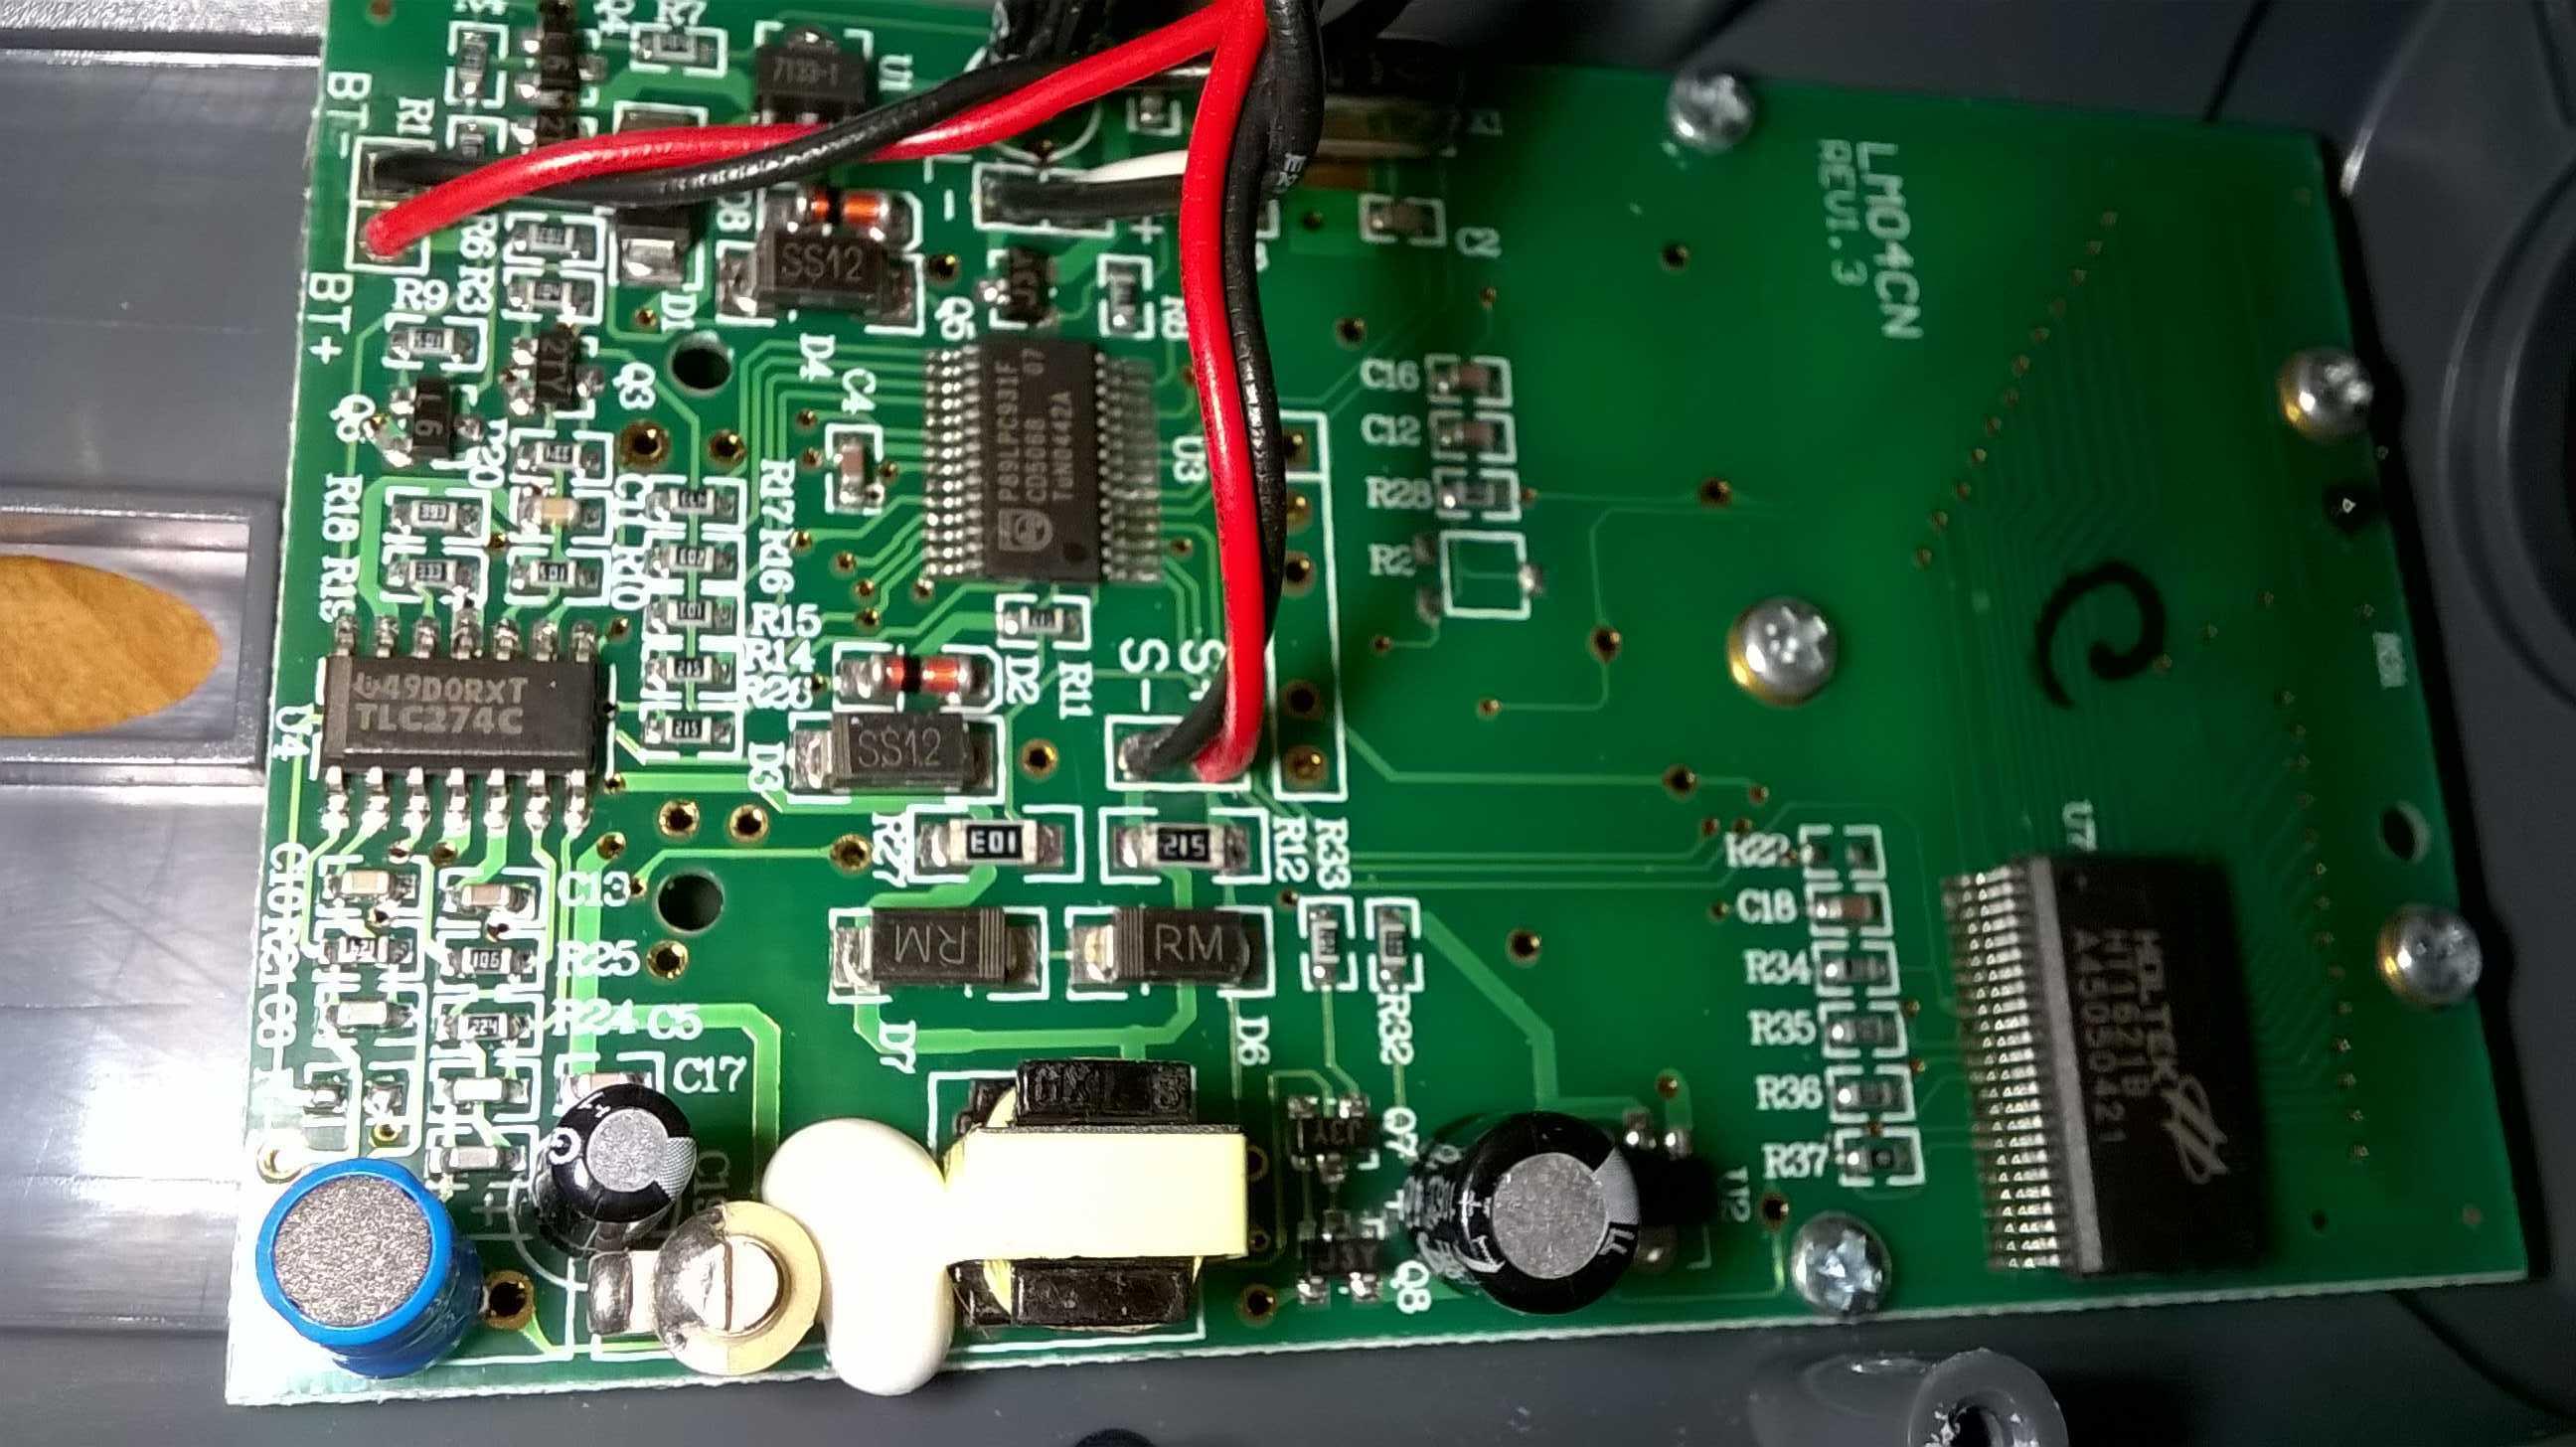 Ultraschall Entfernungsmesser Lidl : Wasserpegelanzeige mikrocontroller.net